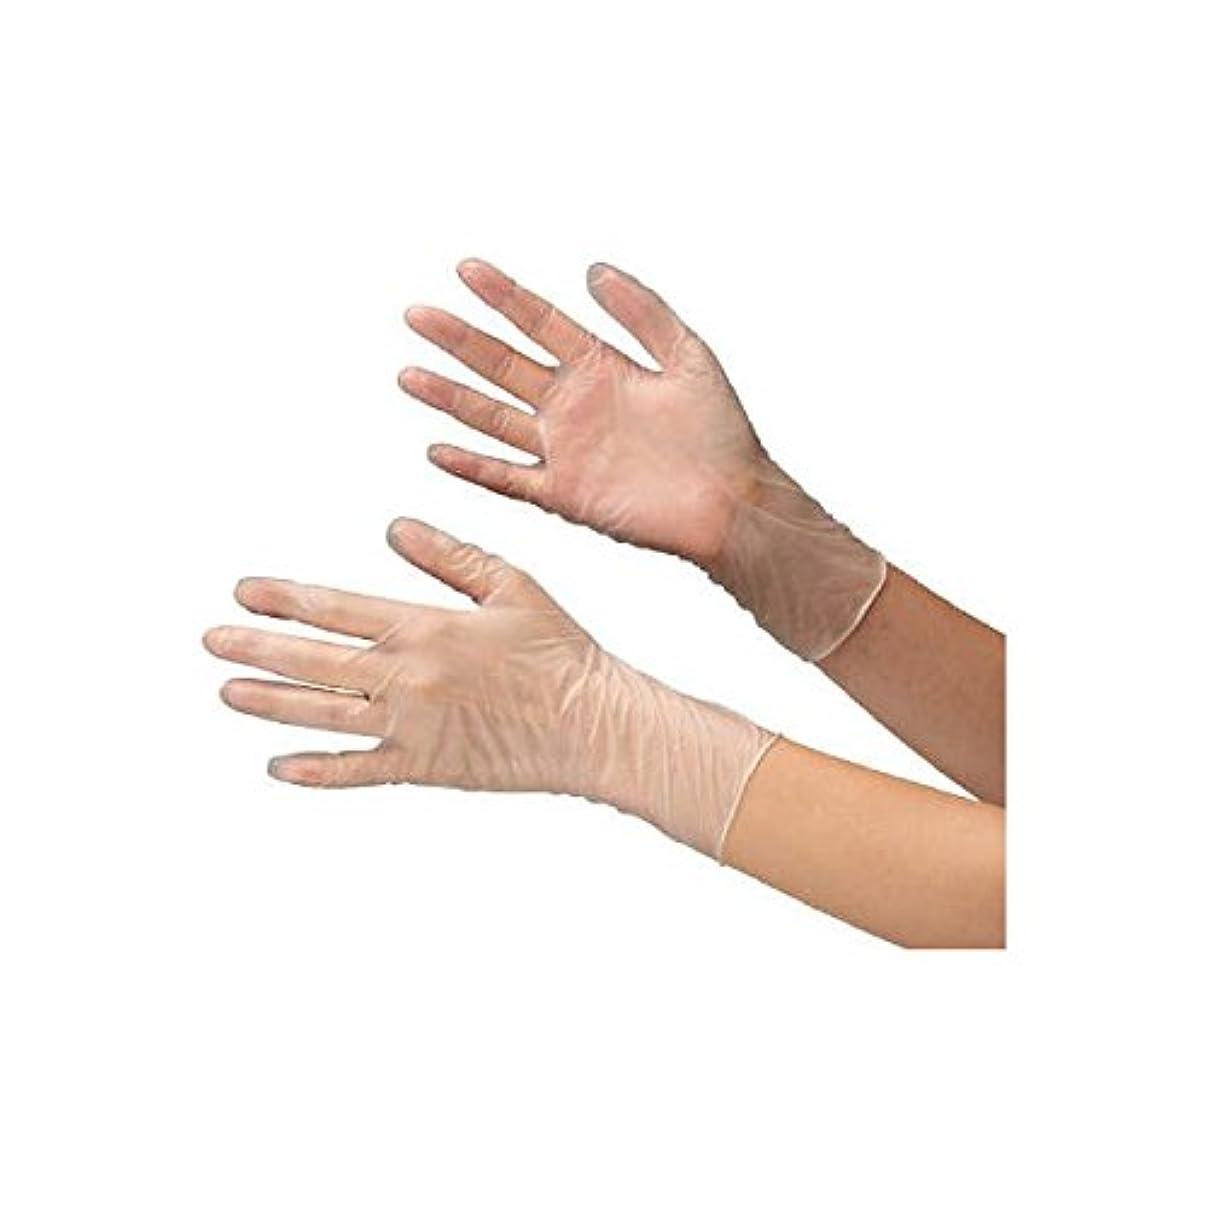 ダース幅正統派ミドリ安全/ミドリ安全 塩化ビニール製 使い捨て手袋 粉なし 100枚入 LL(3889319) VERTE-851-LL [その他]